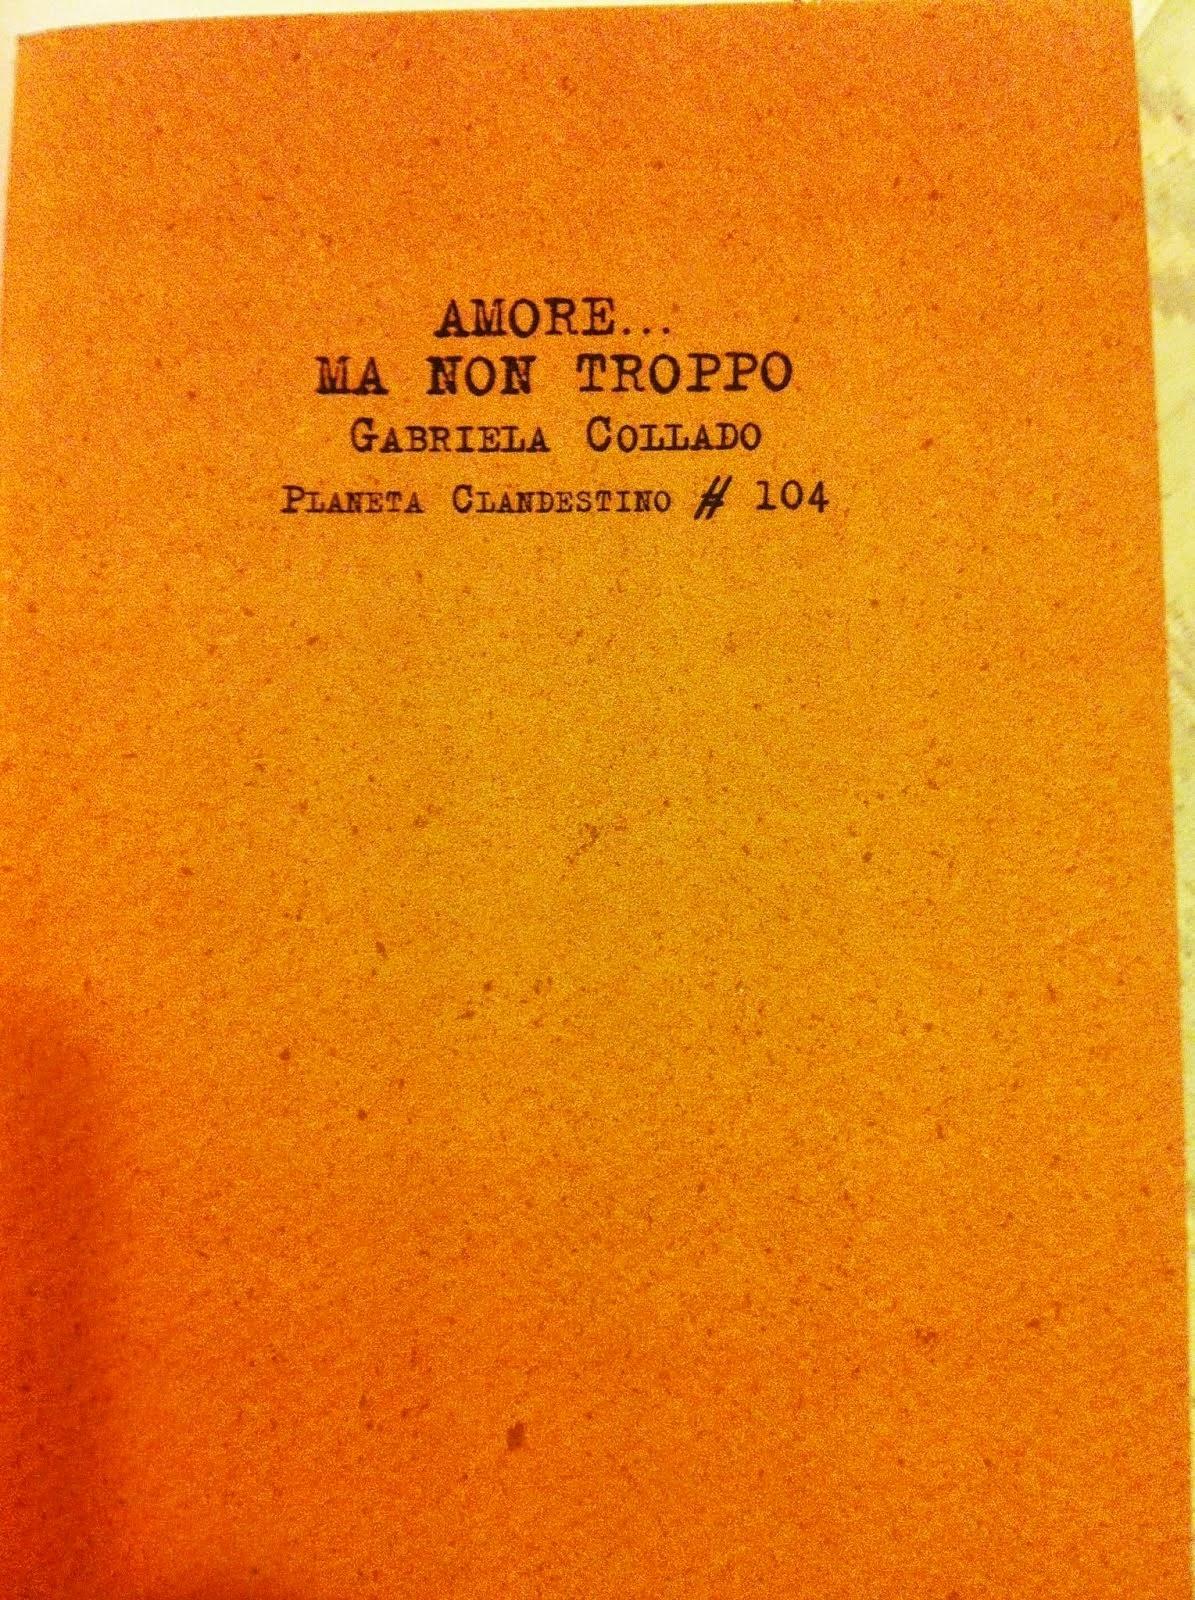 Amore... Ma non troppo (Agosto 2012) Ediciones del 4 de agosto